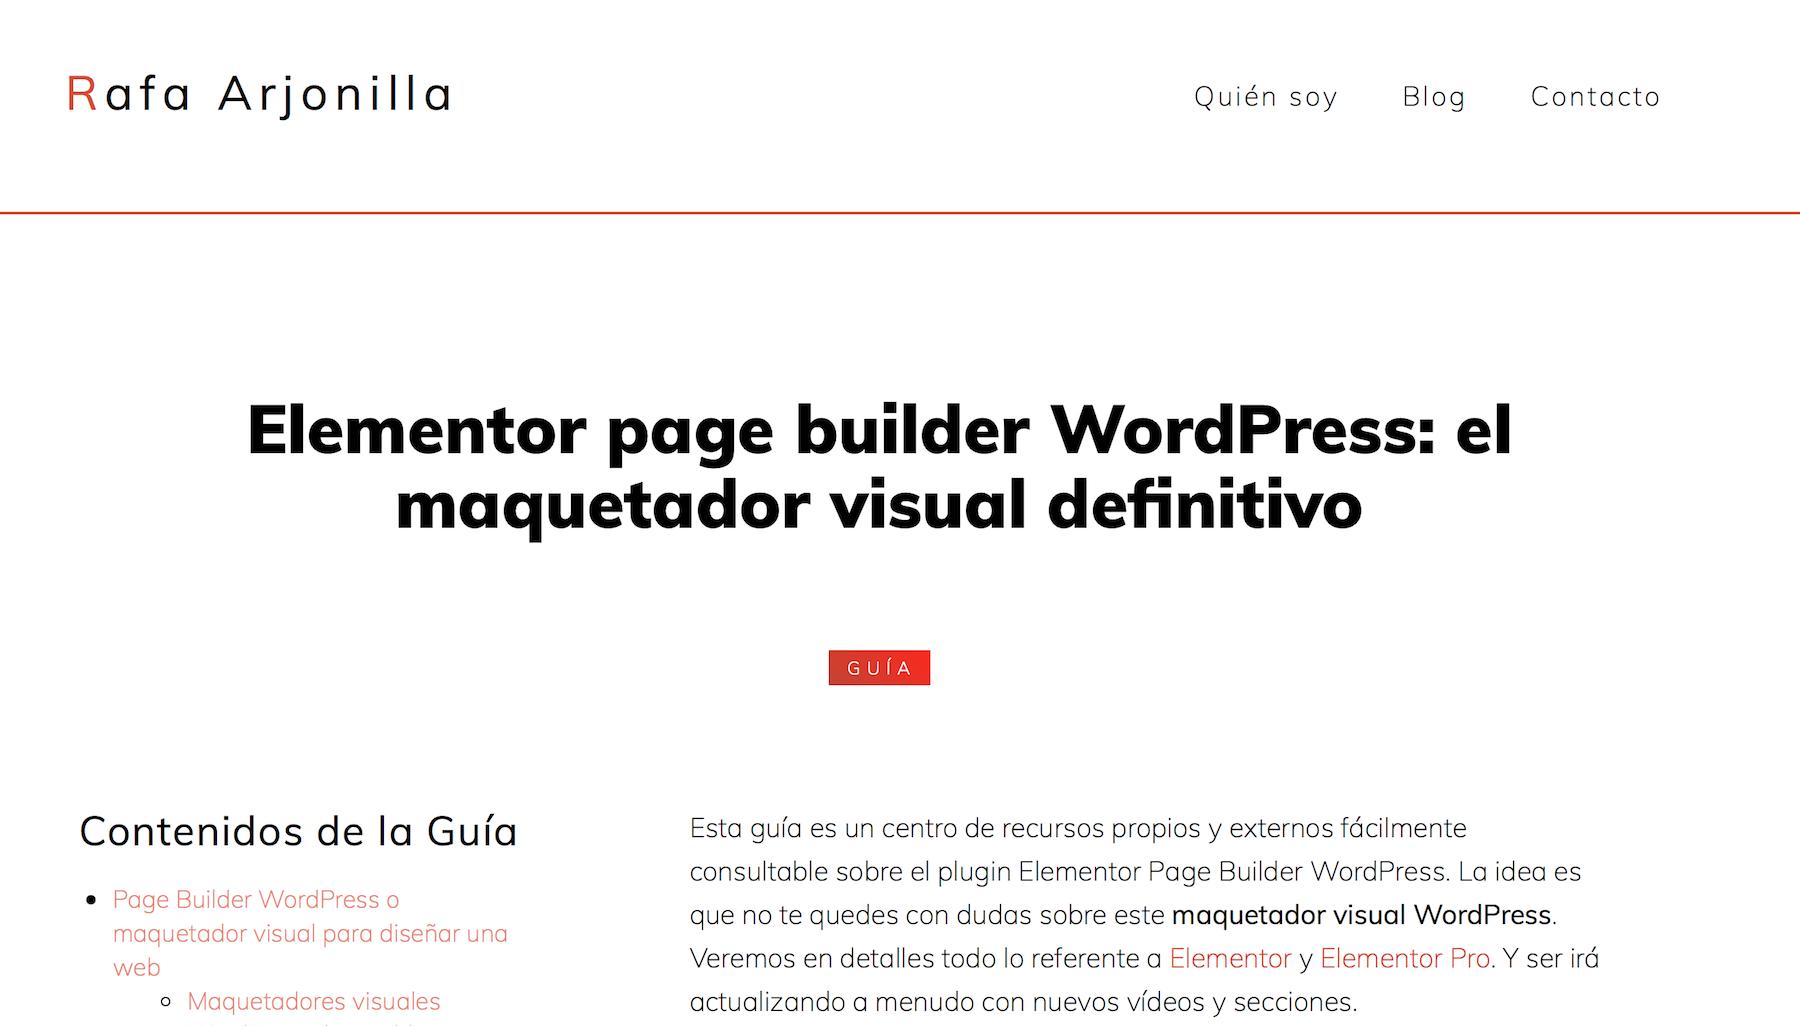 Elementor page builder WordPress: el maquetador visual definitivo(Raja Arjonilla)